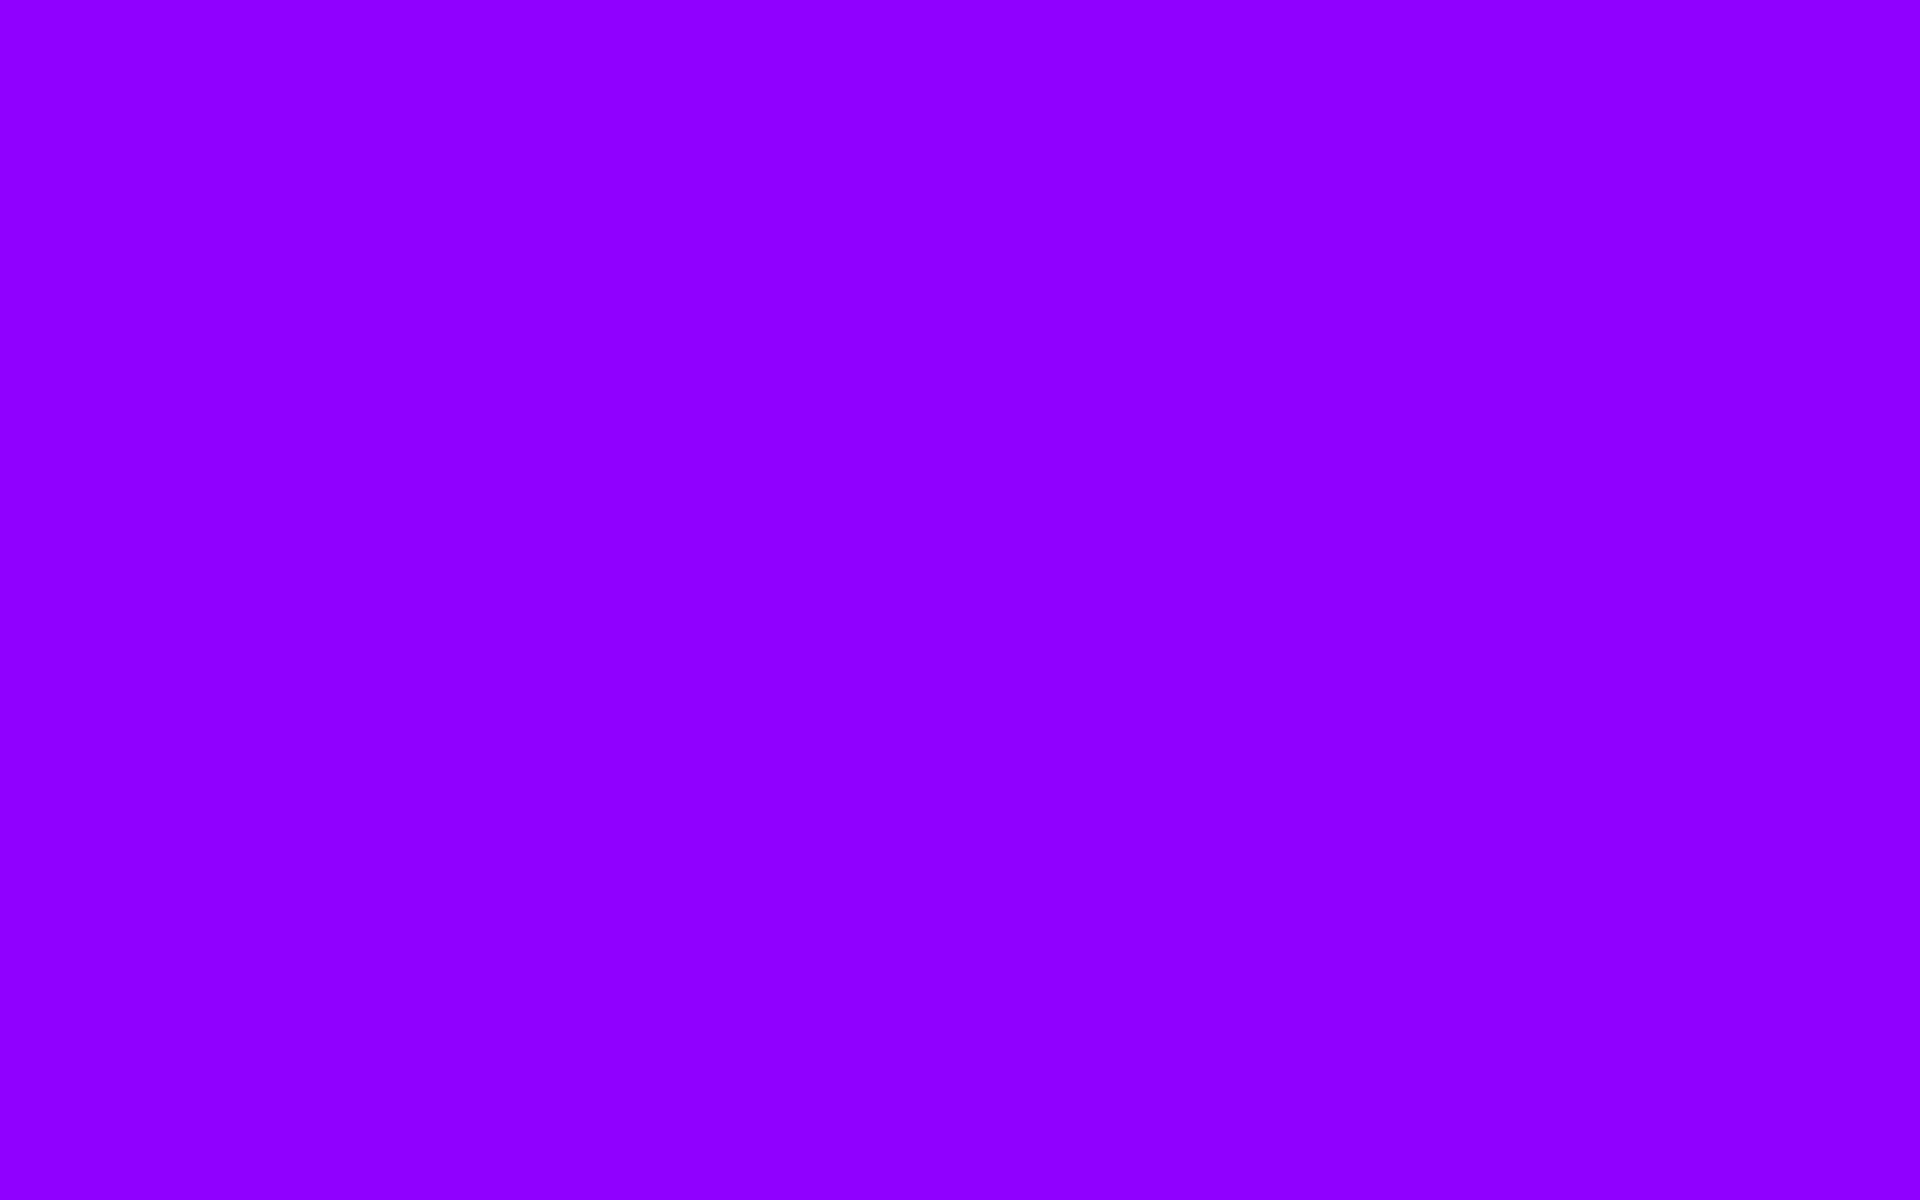 1920x1200 Violet Solid Color Background